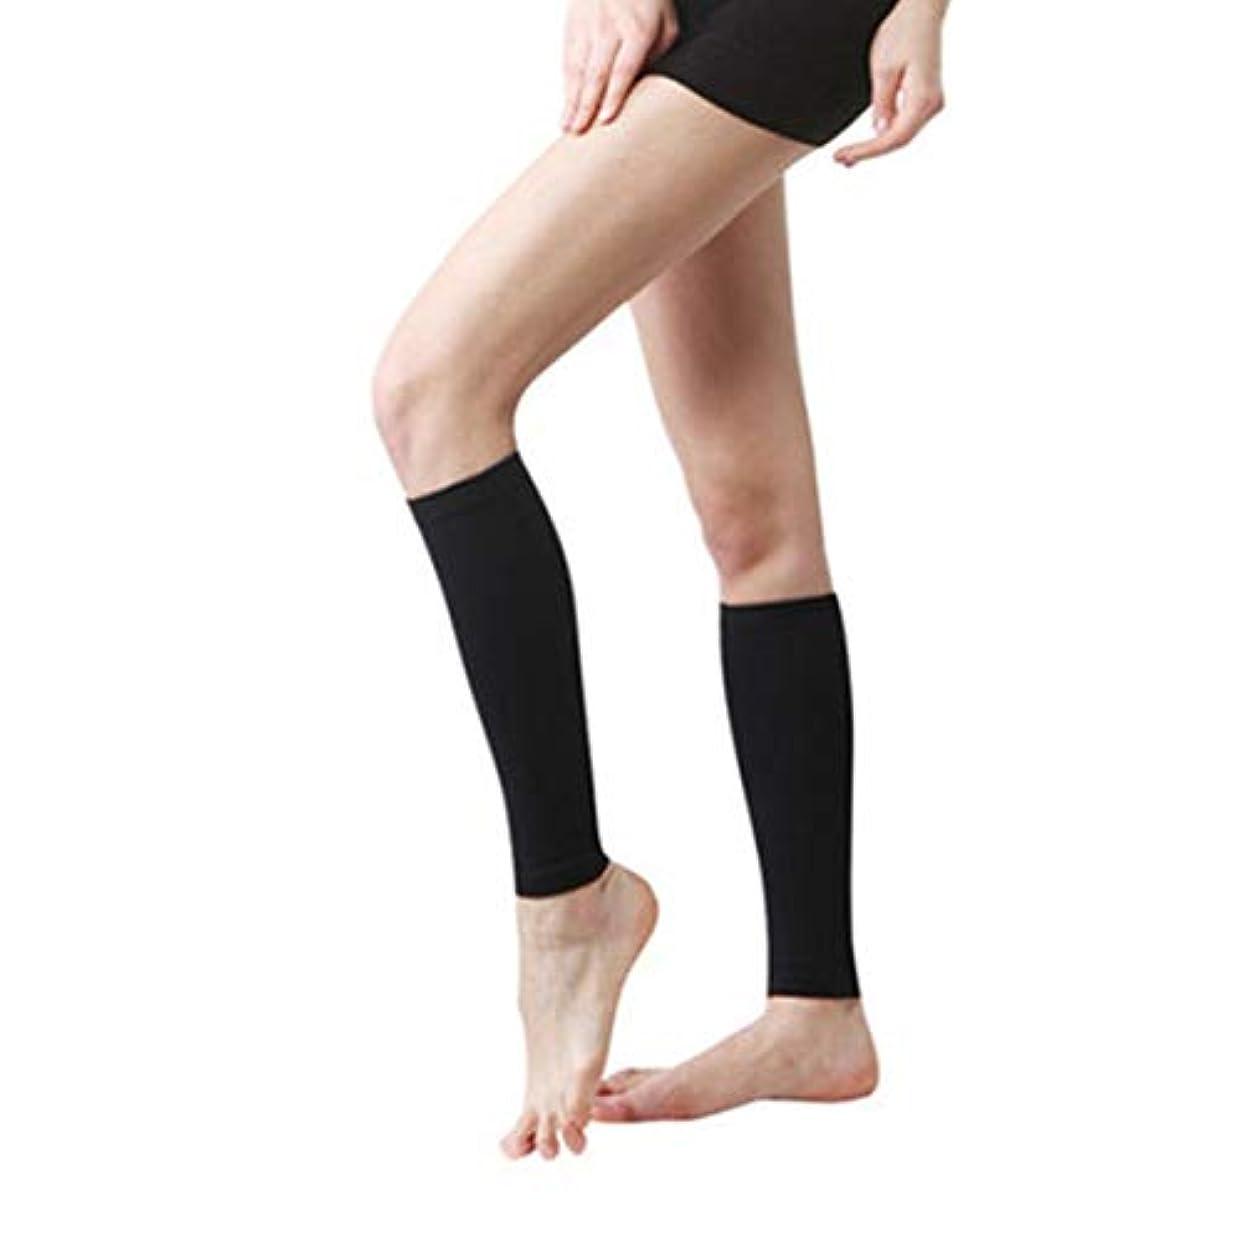 学部小麦粉獣丈夫な男性女性プロの圧縮靴下通気性のある旅行活動看護師用シンススプリントフライトトラベル - ブラック